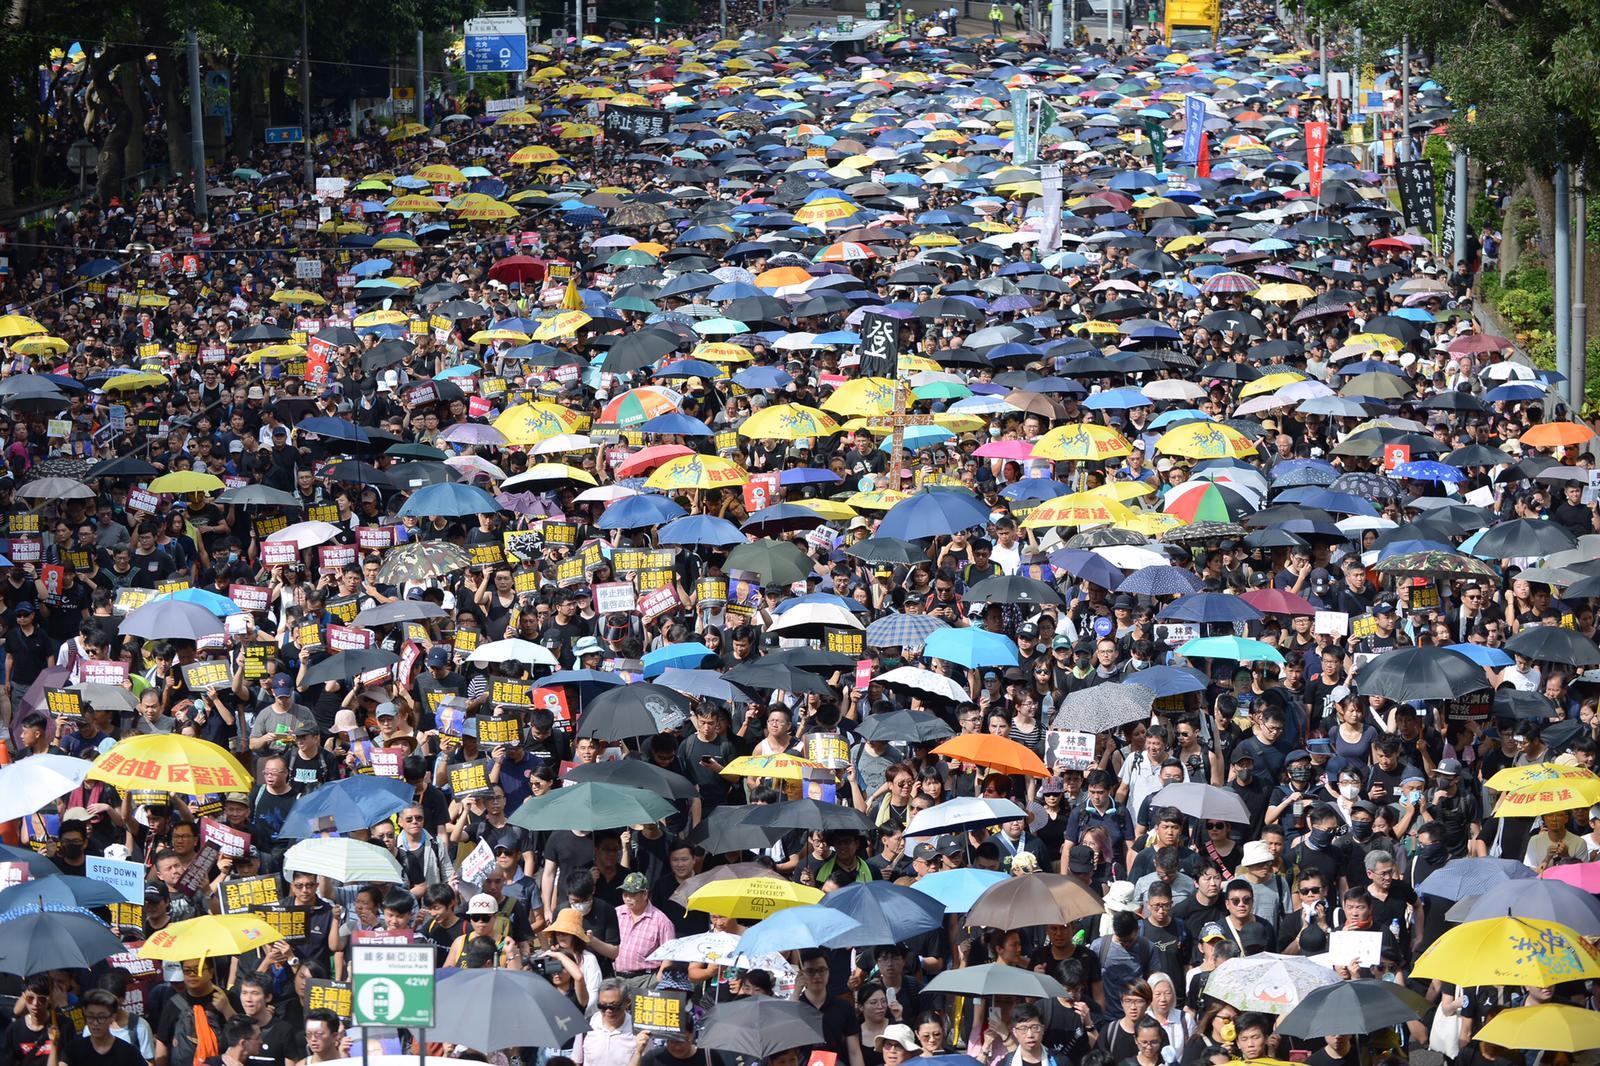 民陣稱43萬人參加遊行。